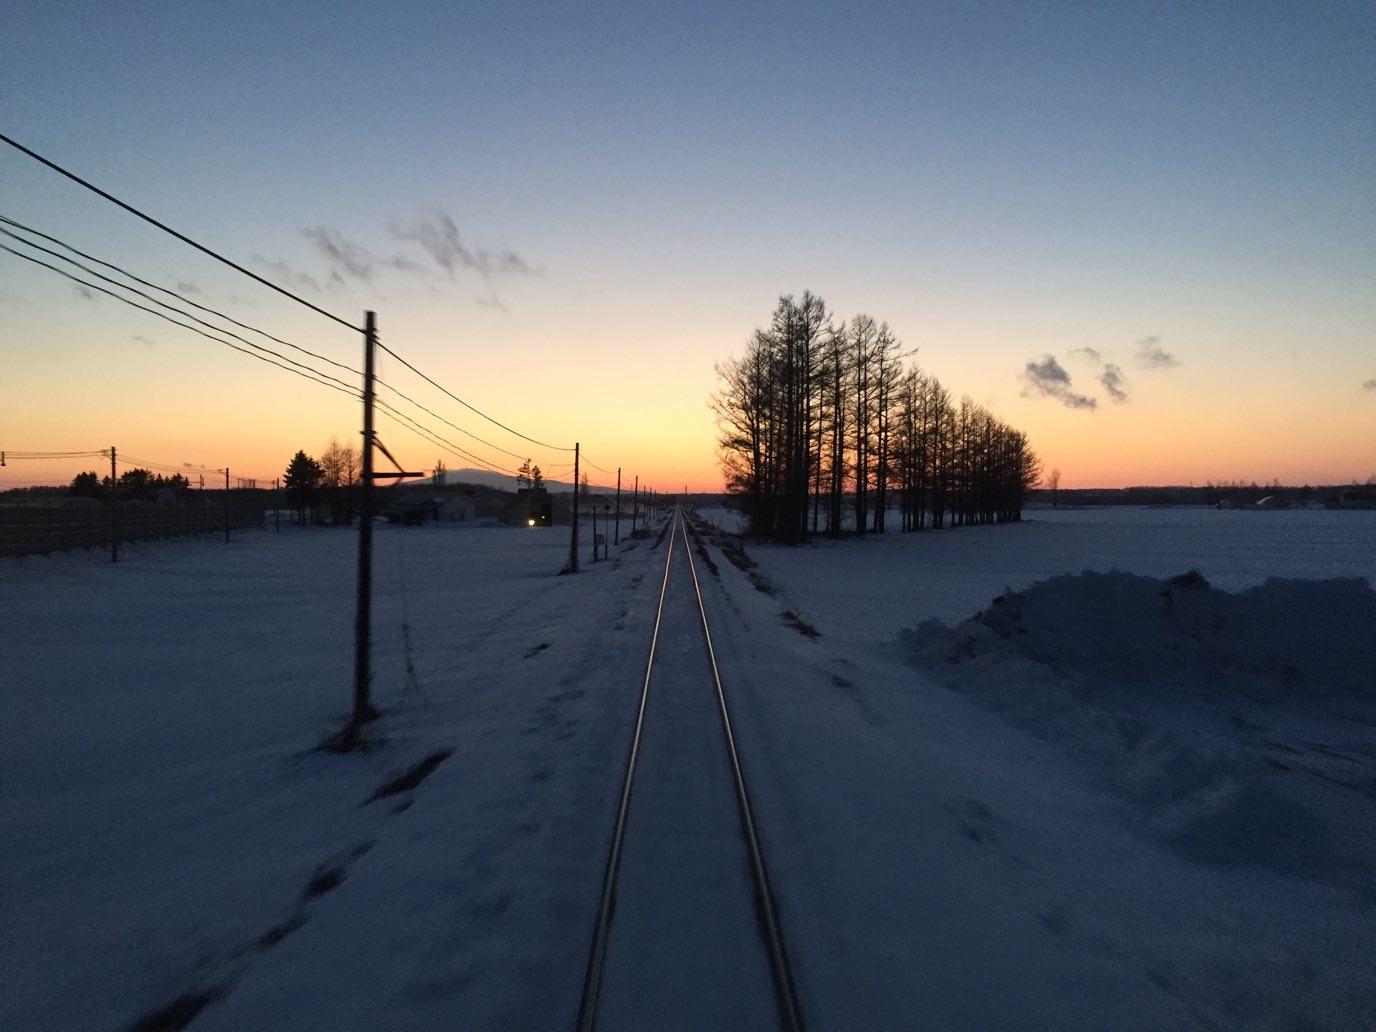 根室からオホーツク海の朝焼けを眺めつつ小樽まで2日間かけて移動!【日本一周鉄道旅行記その12】